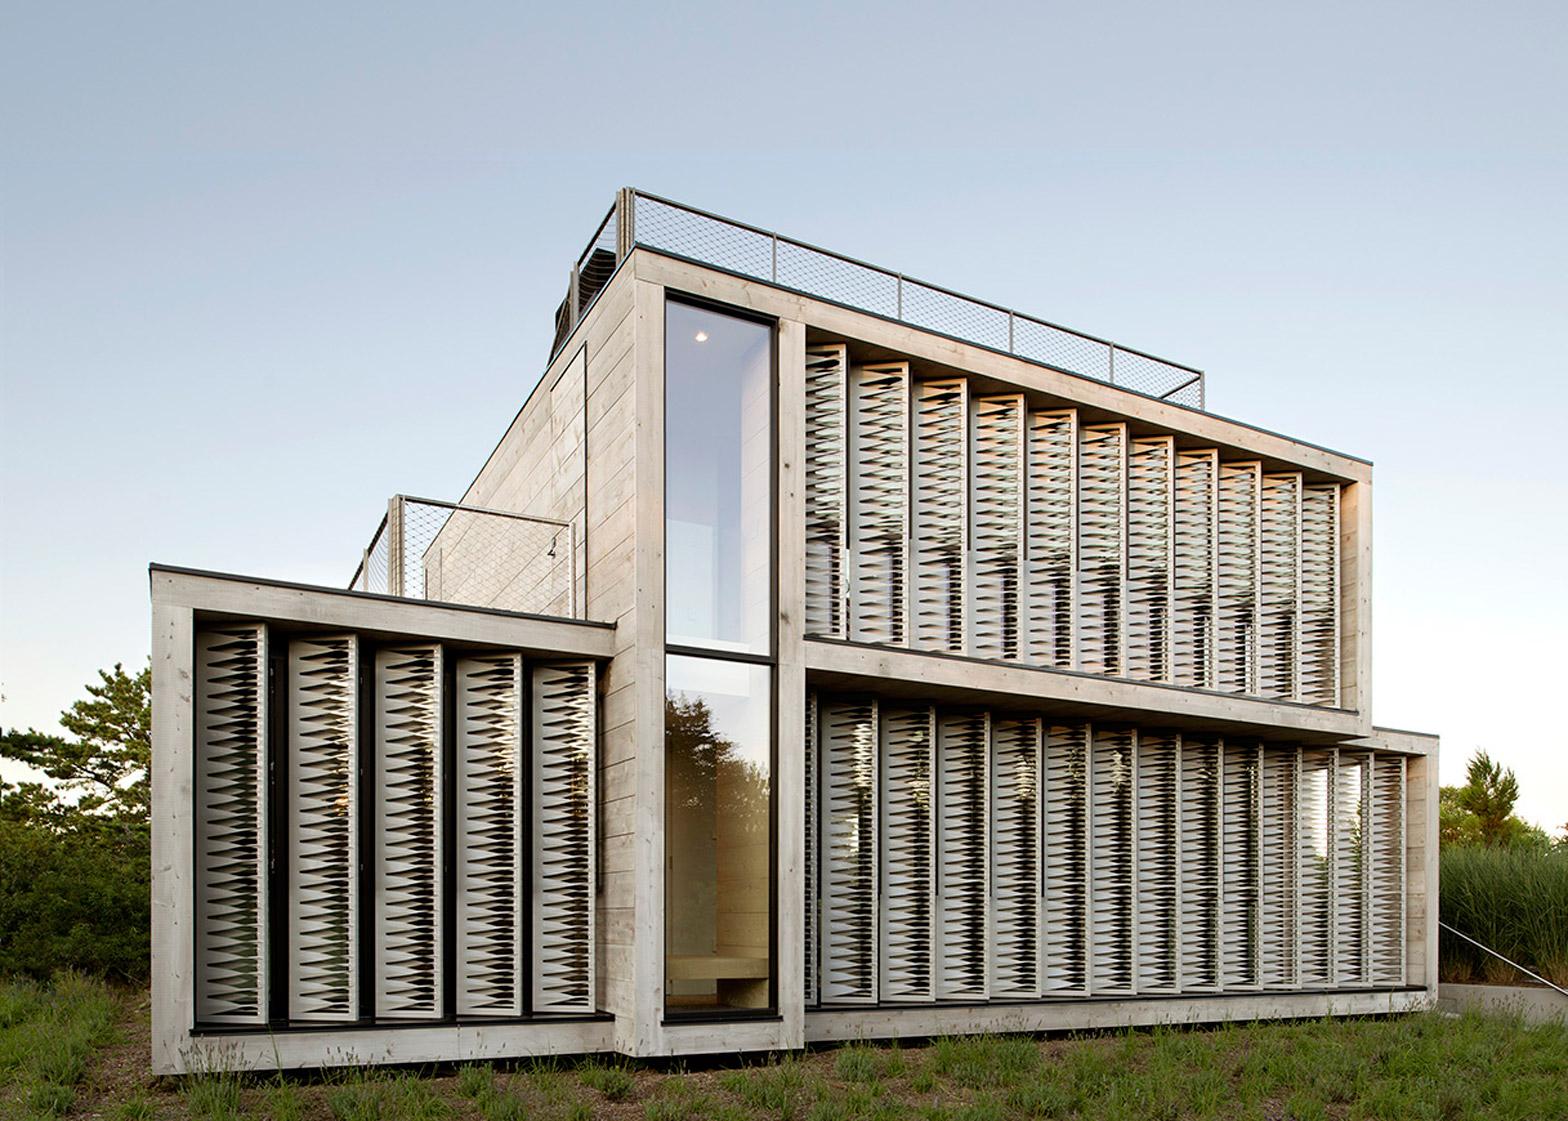 Amagansett Dunes House by Bates Masi Architects